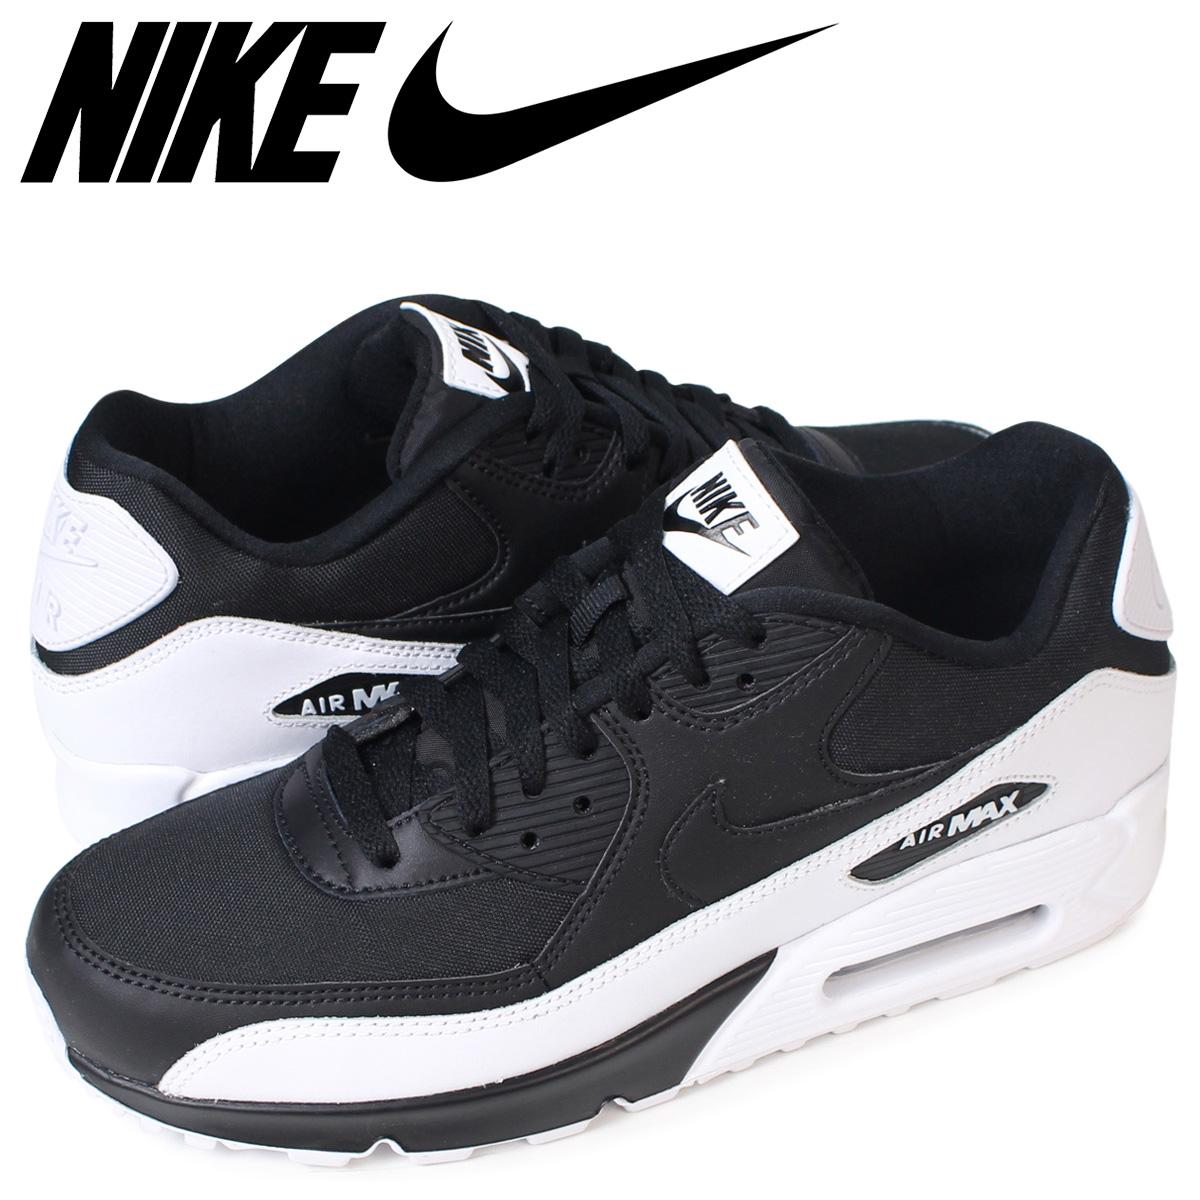 Nike NIKE Air Max 90 essential sneakers AIR MAX 90 ESSENTIAL 537,384 082 men's black